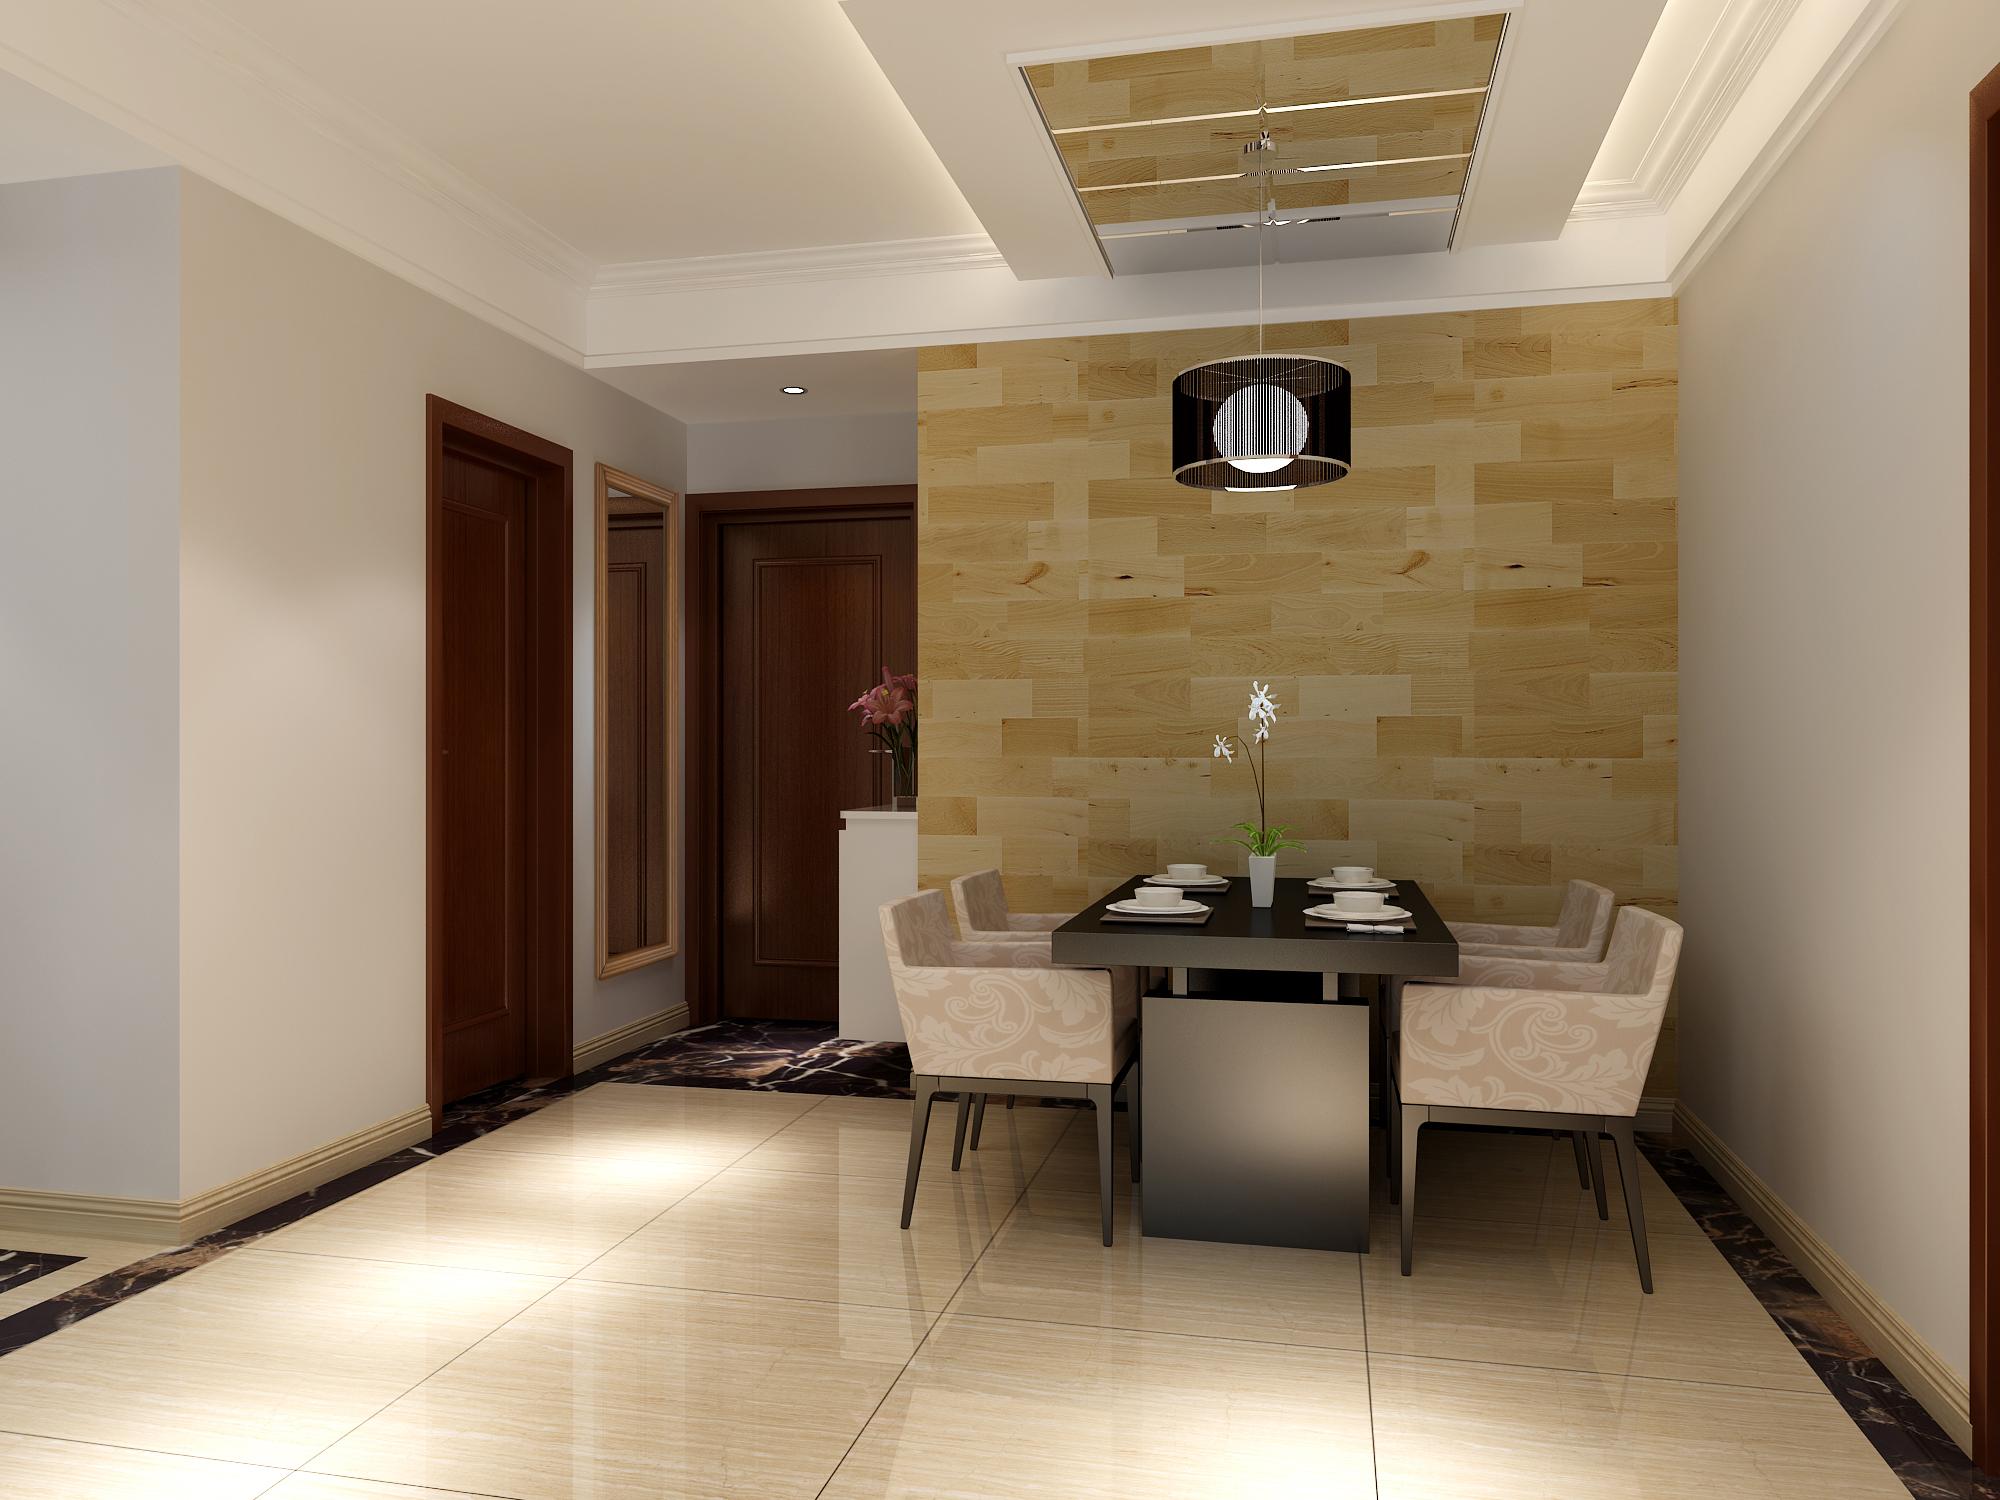 简约 二居 餐厅图片来自业之峰太原分公司在简洁温馨舒适的分享